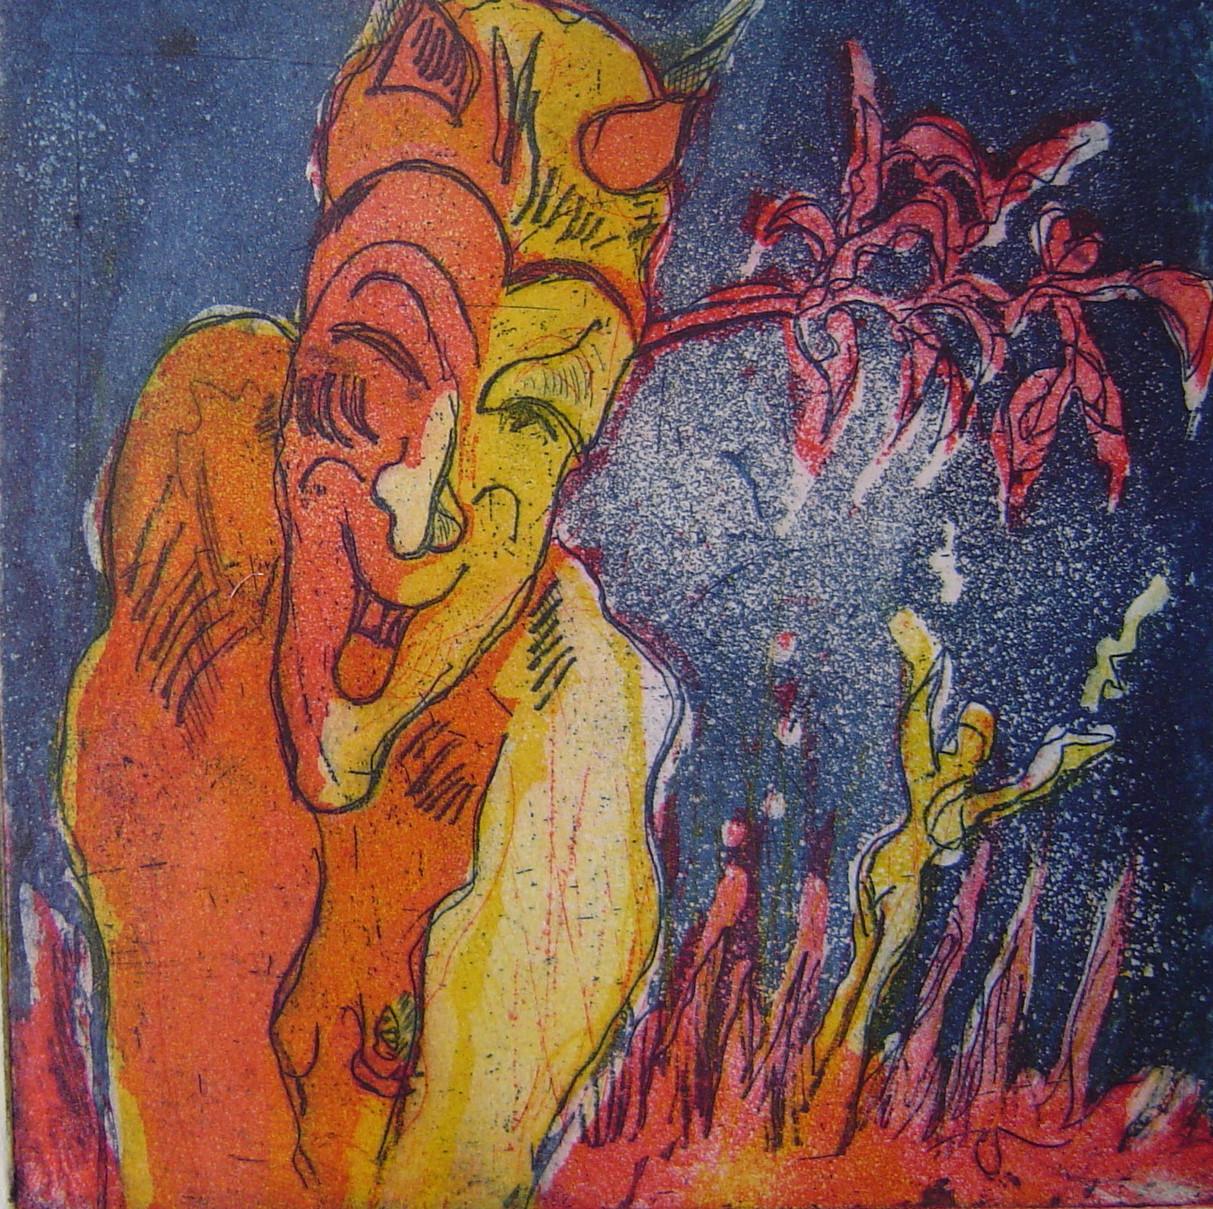 Aber mir gefiel eine blaue Hölle besser - auch vertauschte ich im Gegensatz zur davor gezeigten Version der Radierung die rote und die gelbe Platte - Radierung Teufel von Susanne Haun - 2004 - 15 x 15 cm - 3 Platten Aquatinta